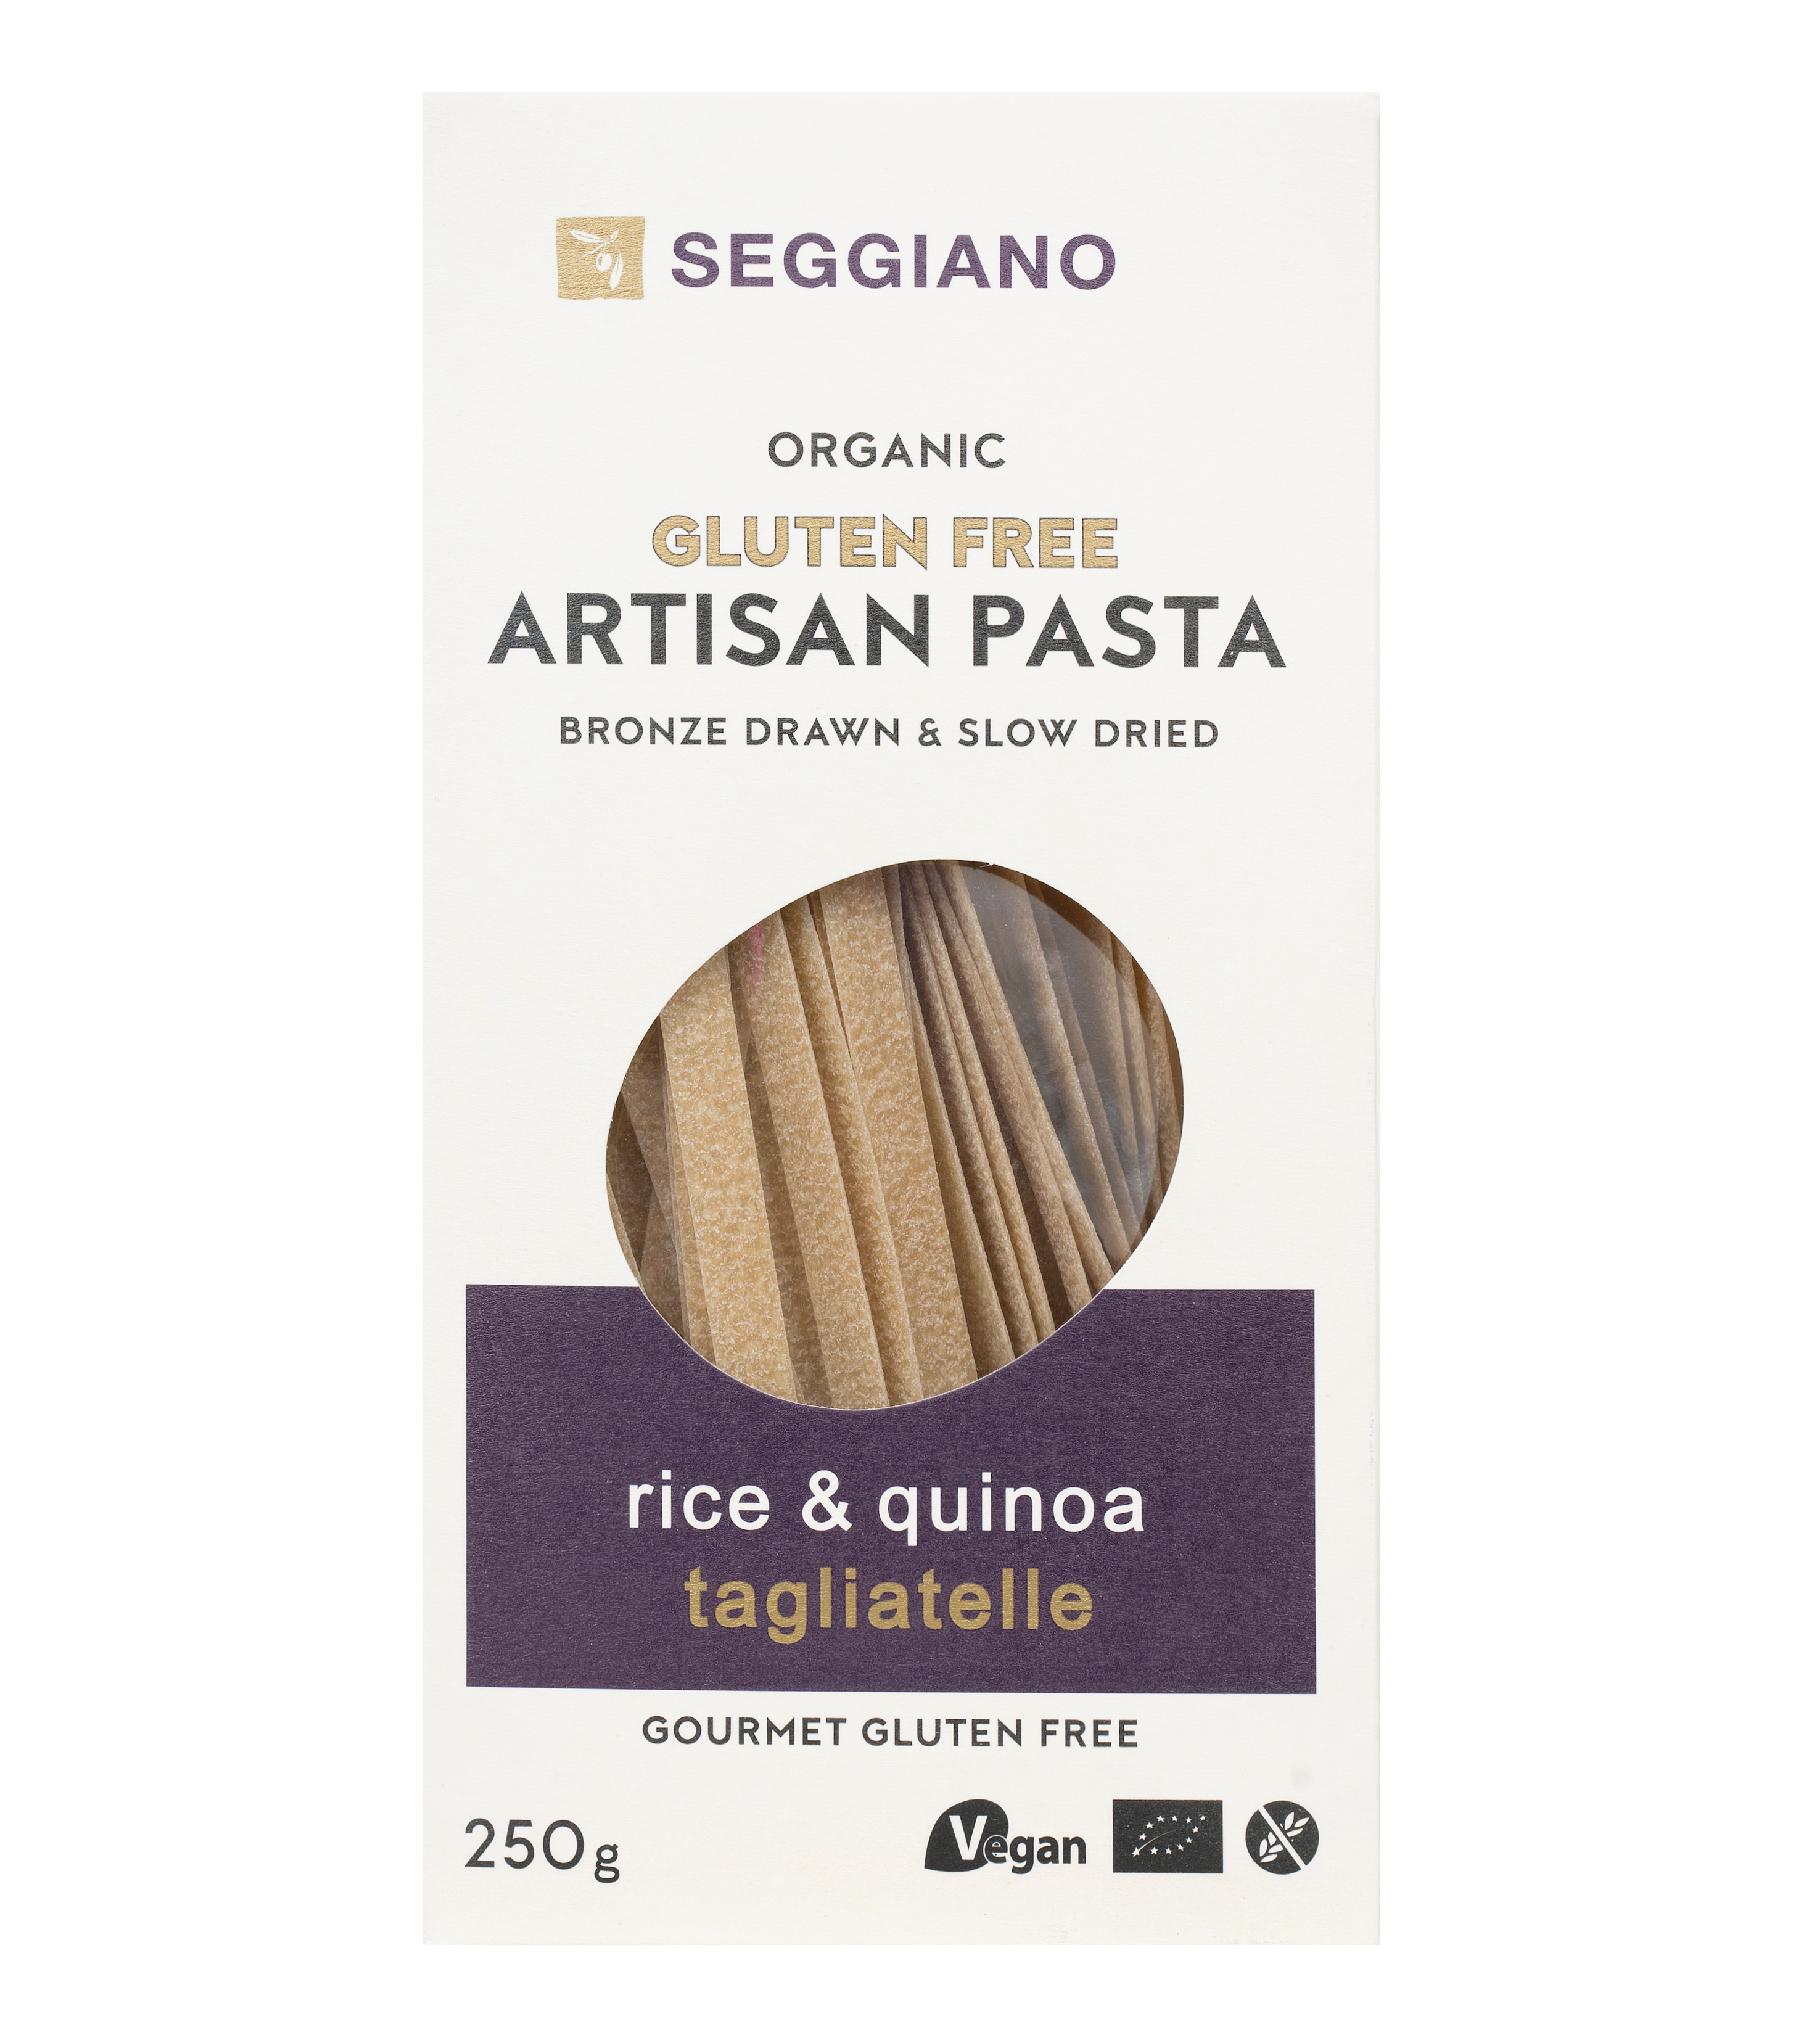 Seggiano Organic Rice & Quinoa Tagliatelle